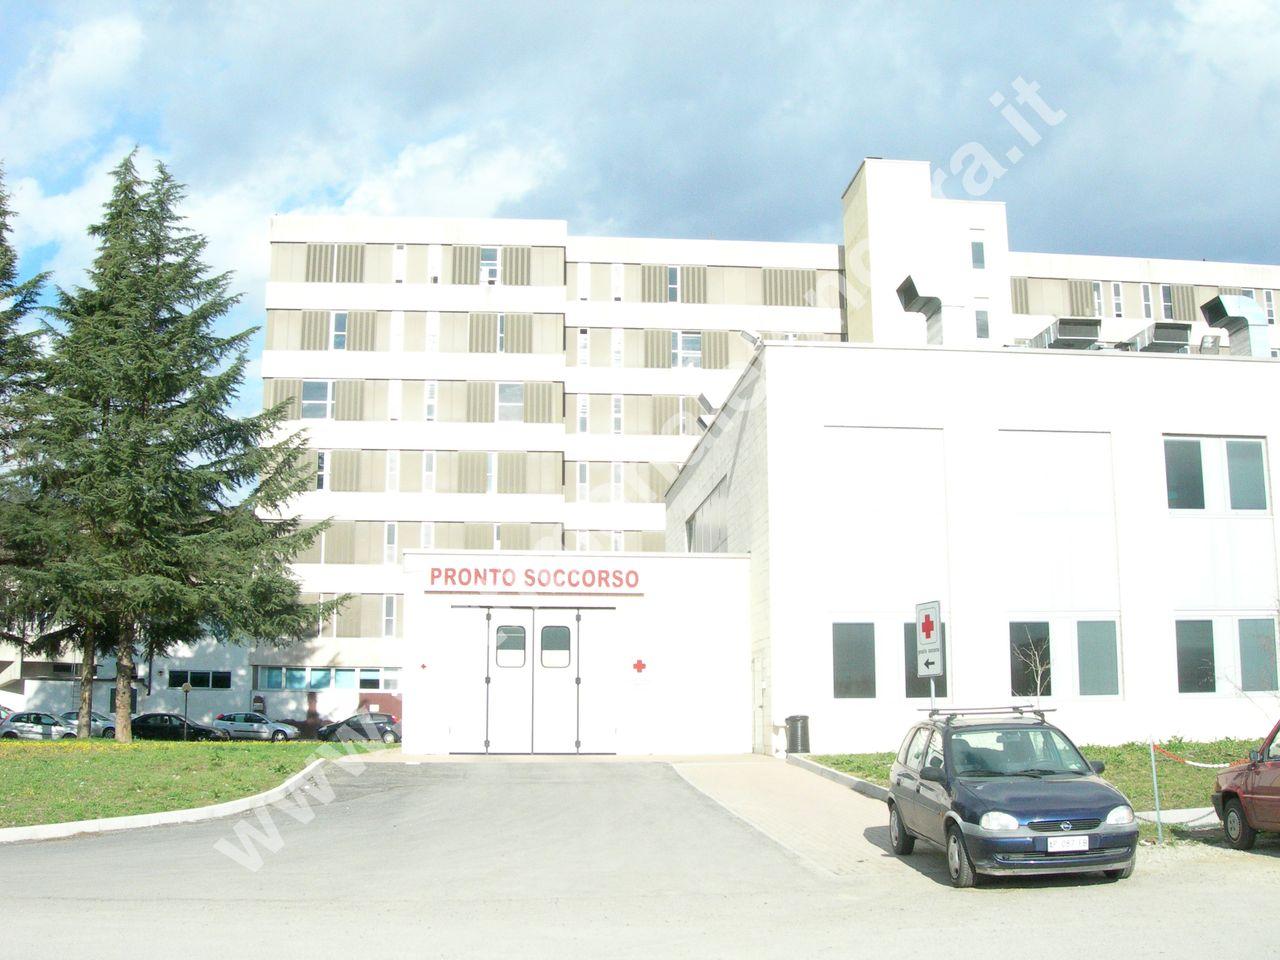 Riordino rete ospedaliera